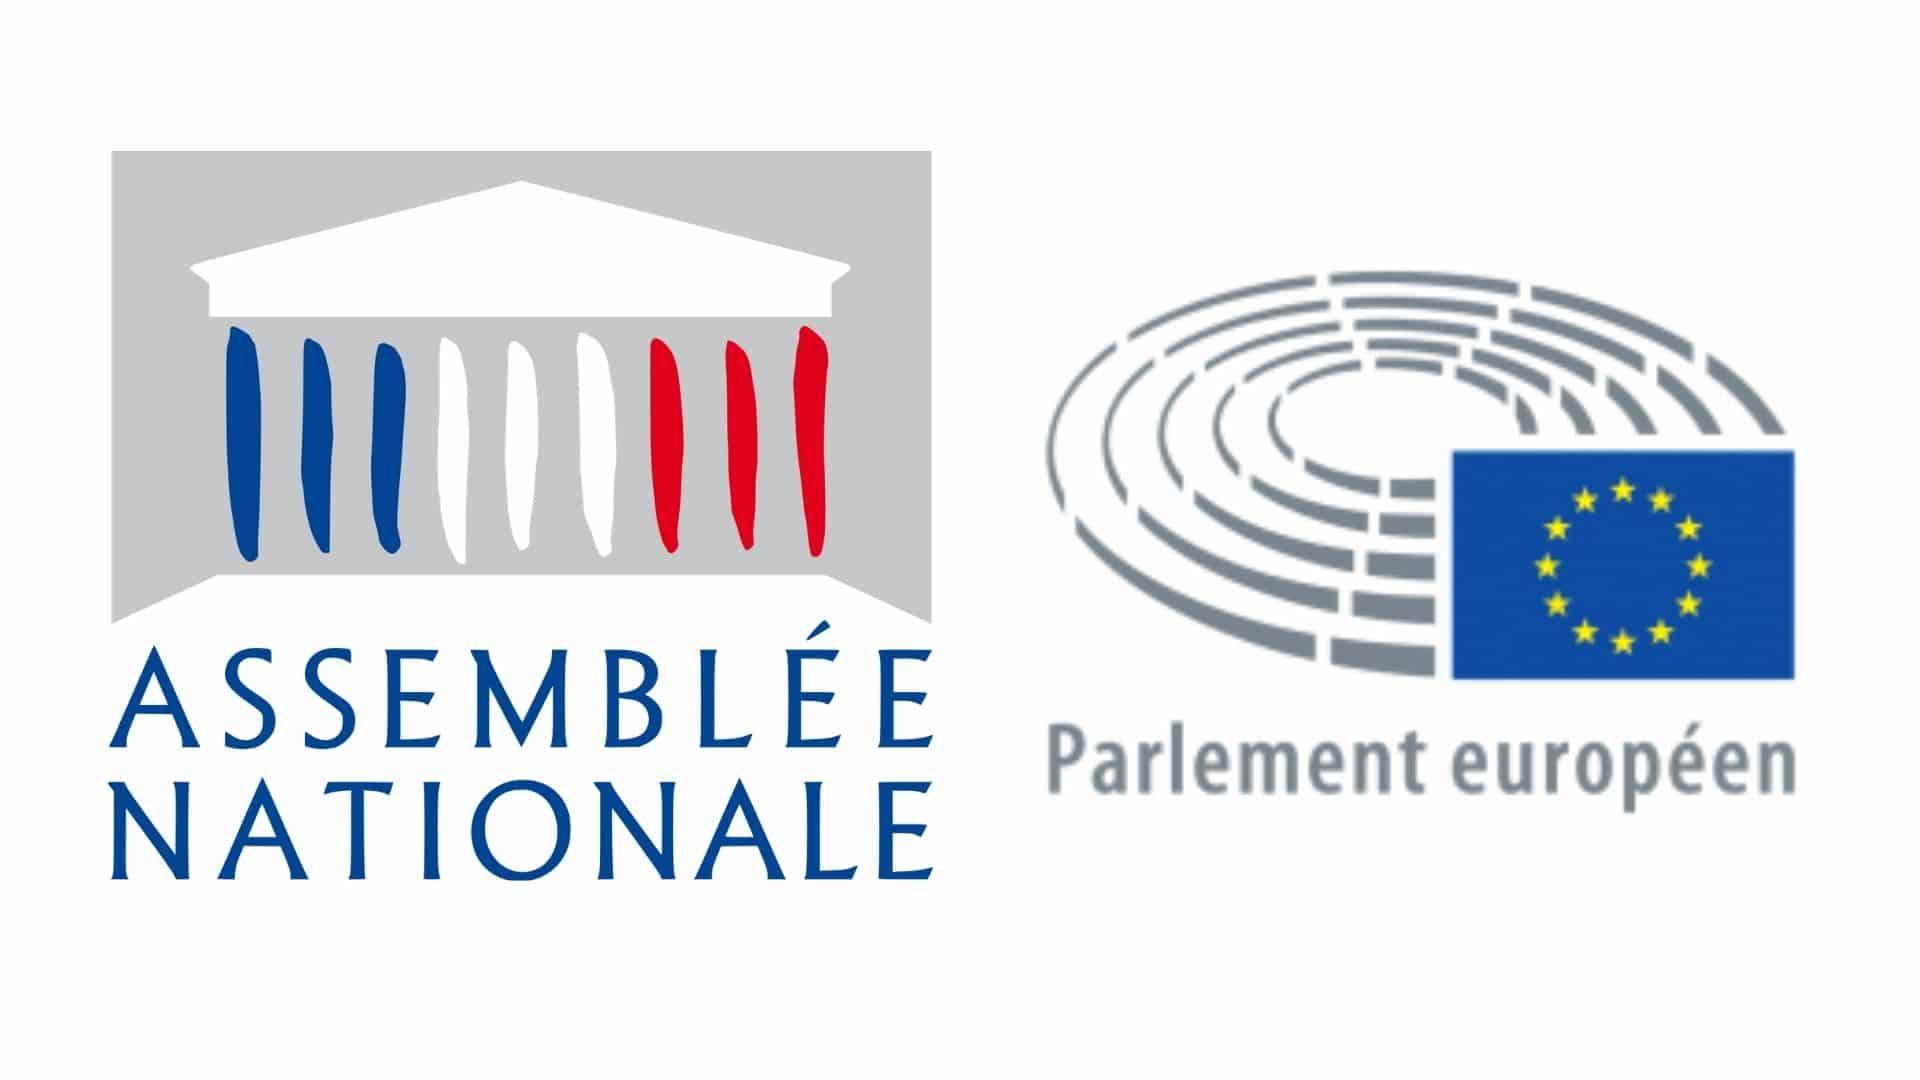 Tribune de militaires factieux : les députés insoumis saisissent le Procureur de la République